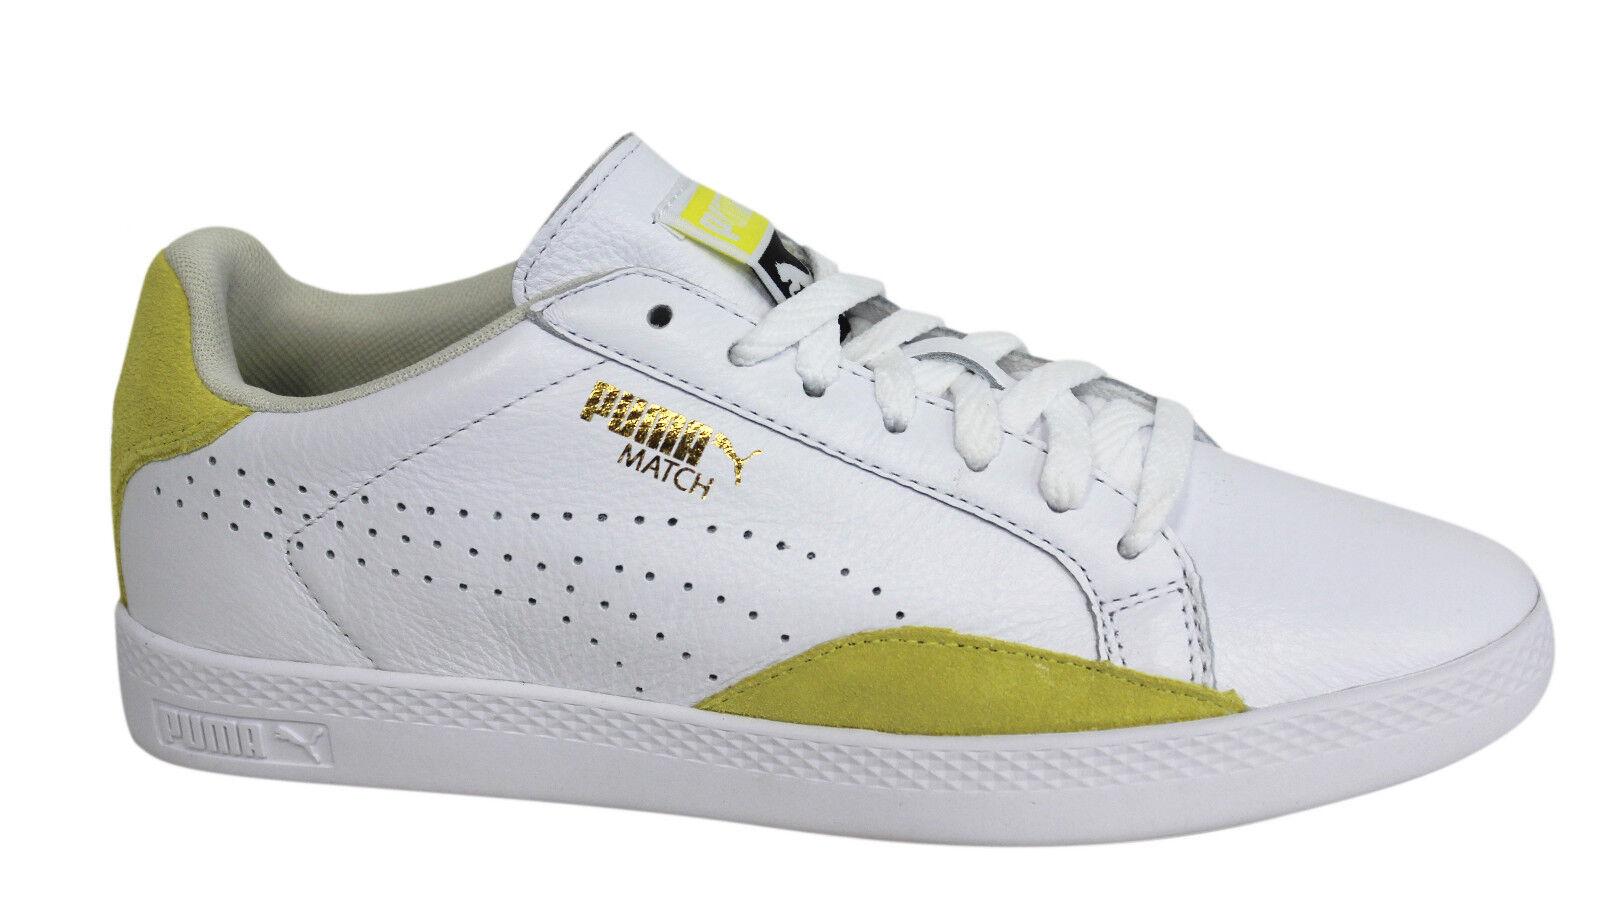 Puma Streichholz Lo einfach Sport geschnürt weiß Damen Leder Turnschuhe 357543